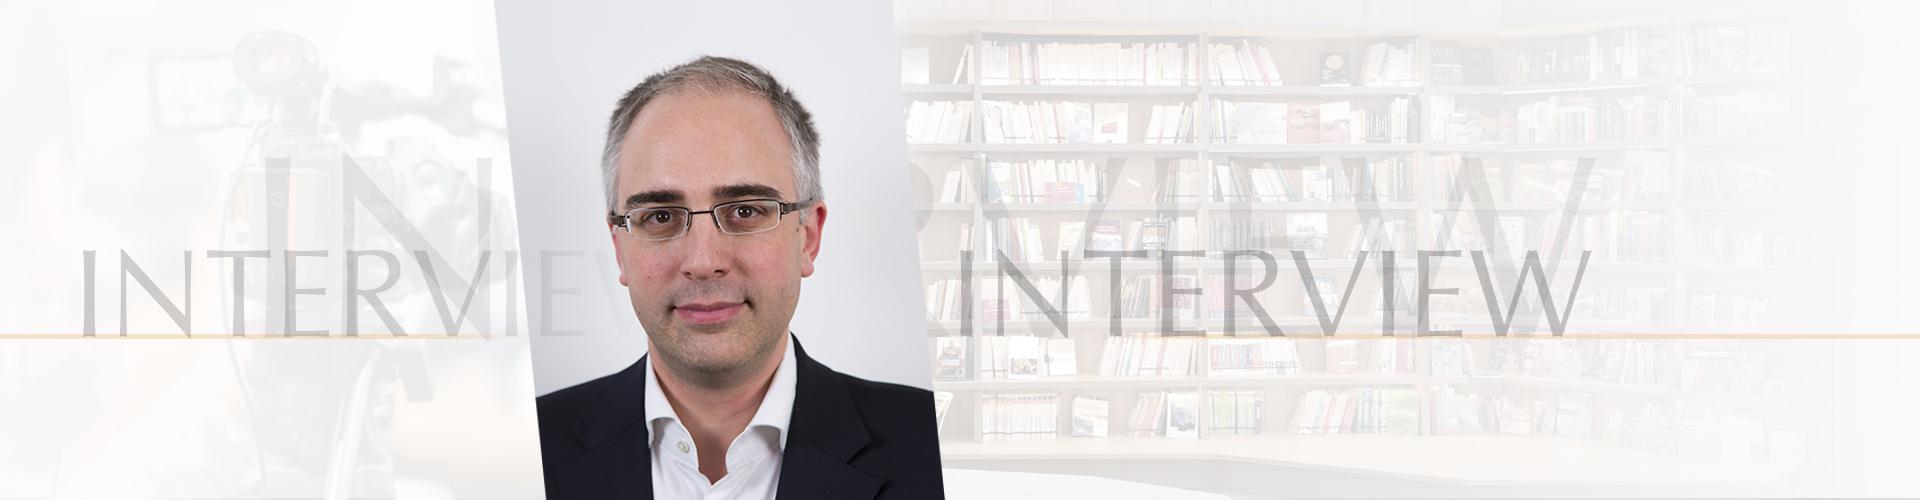 Le Big Data et Machine Learning - Interview de Médéric Morel